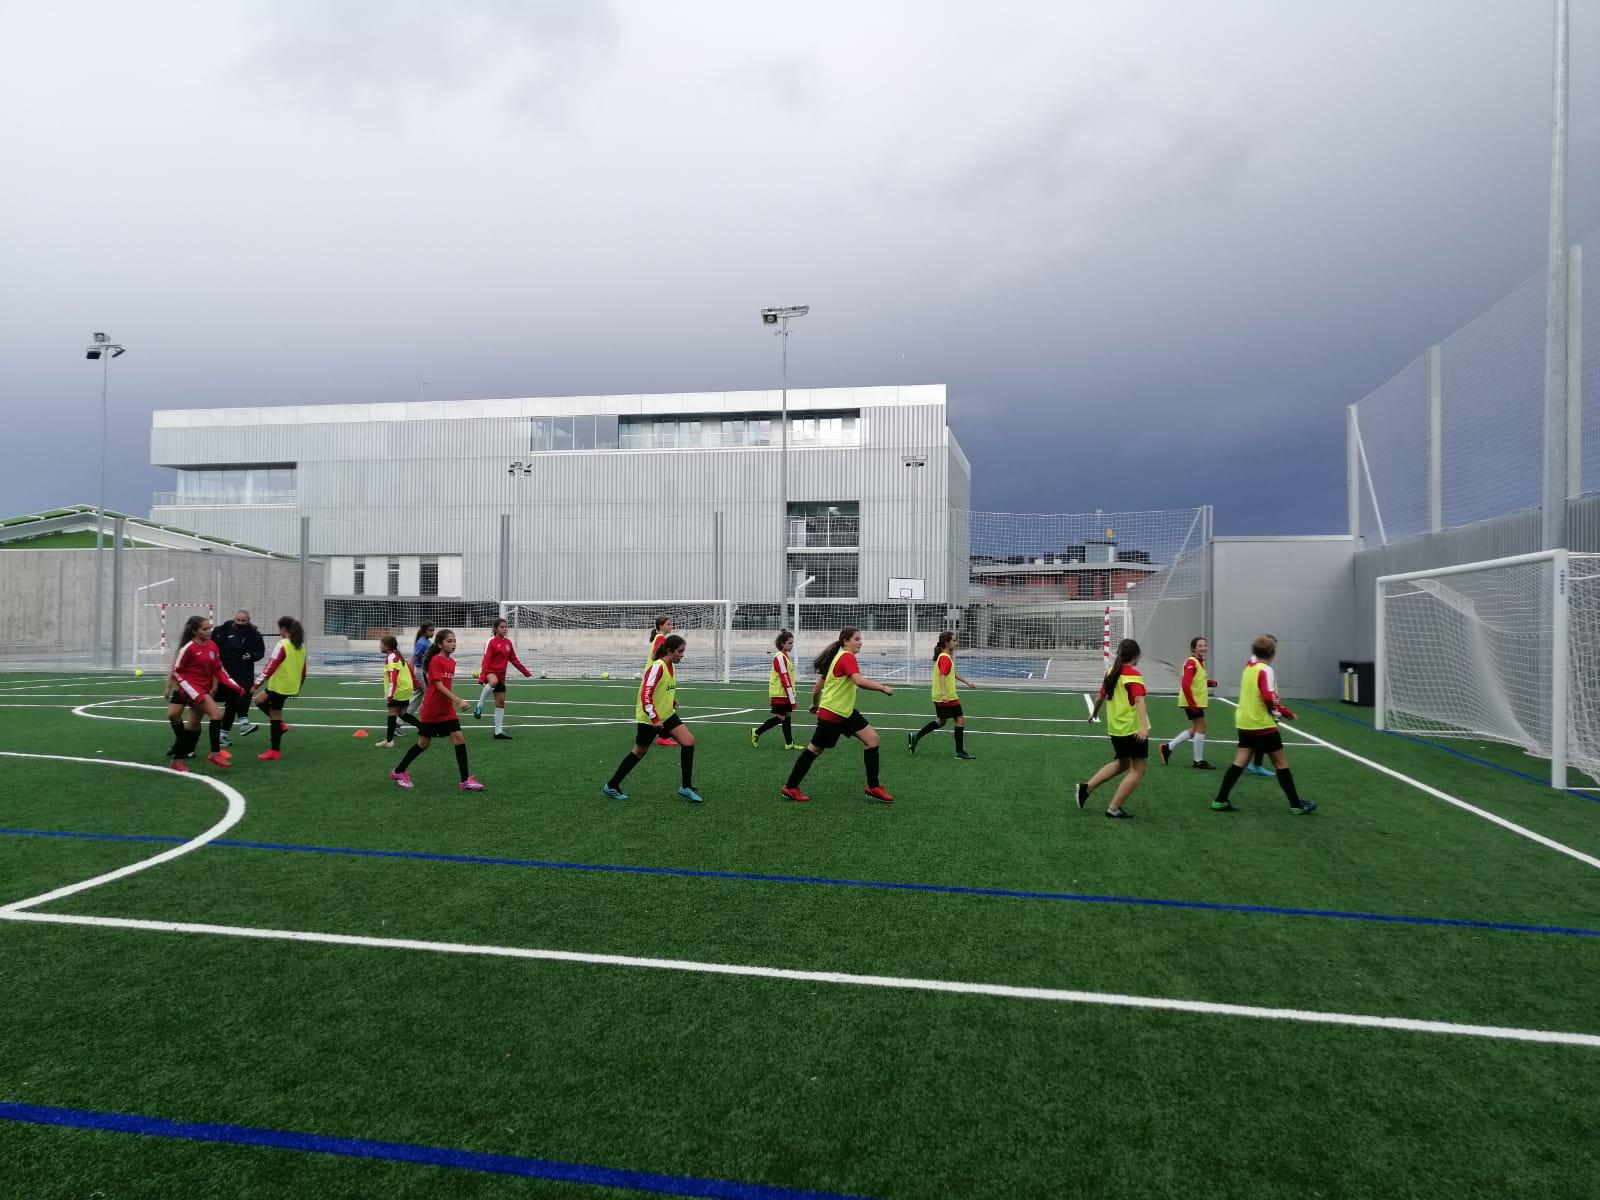 En marcha la sección de Fútbol Femenino del CD S.A.N.S.E.